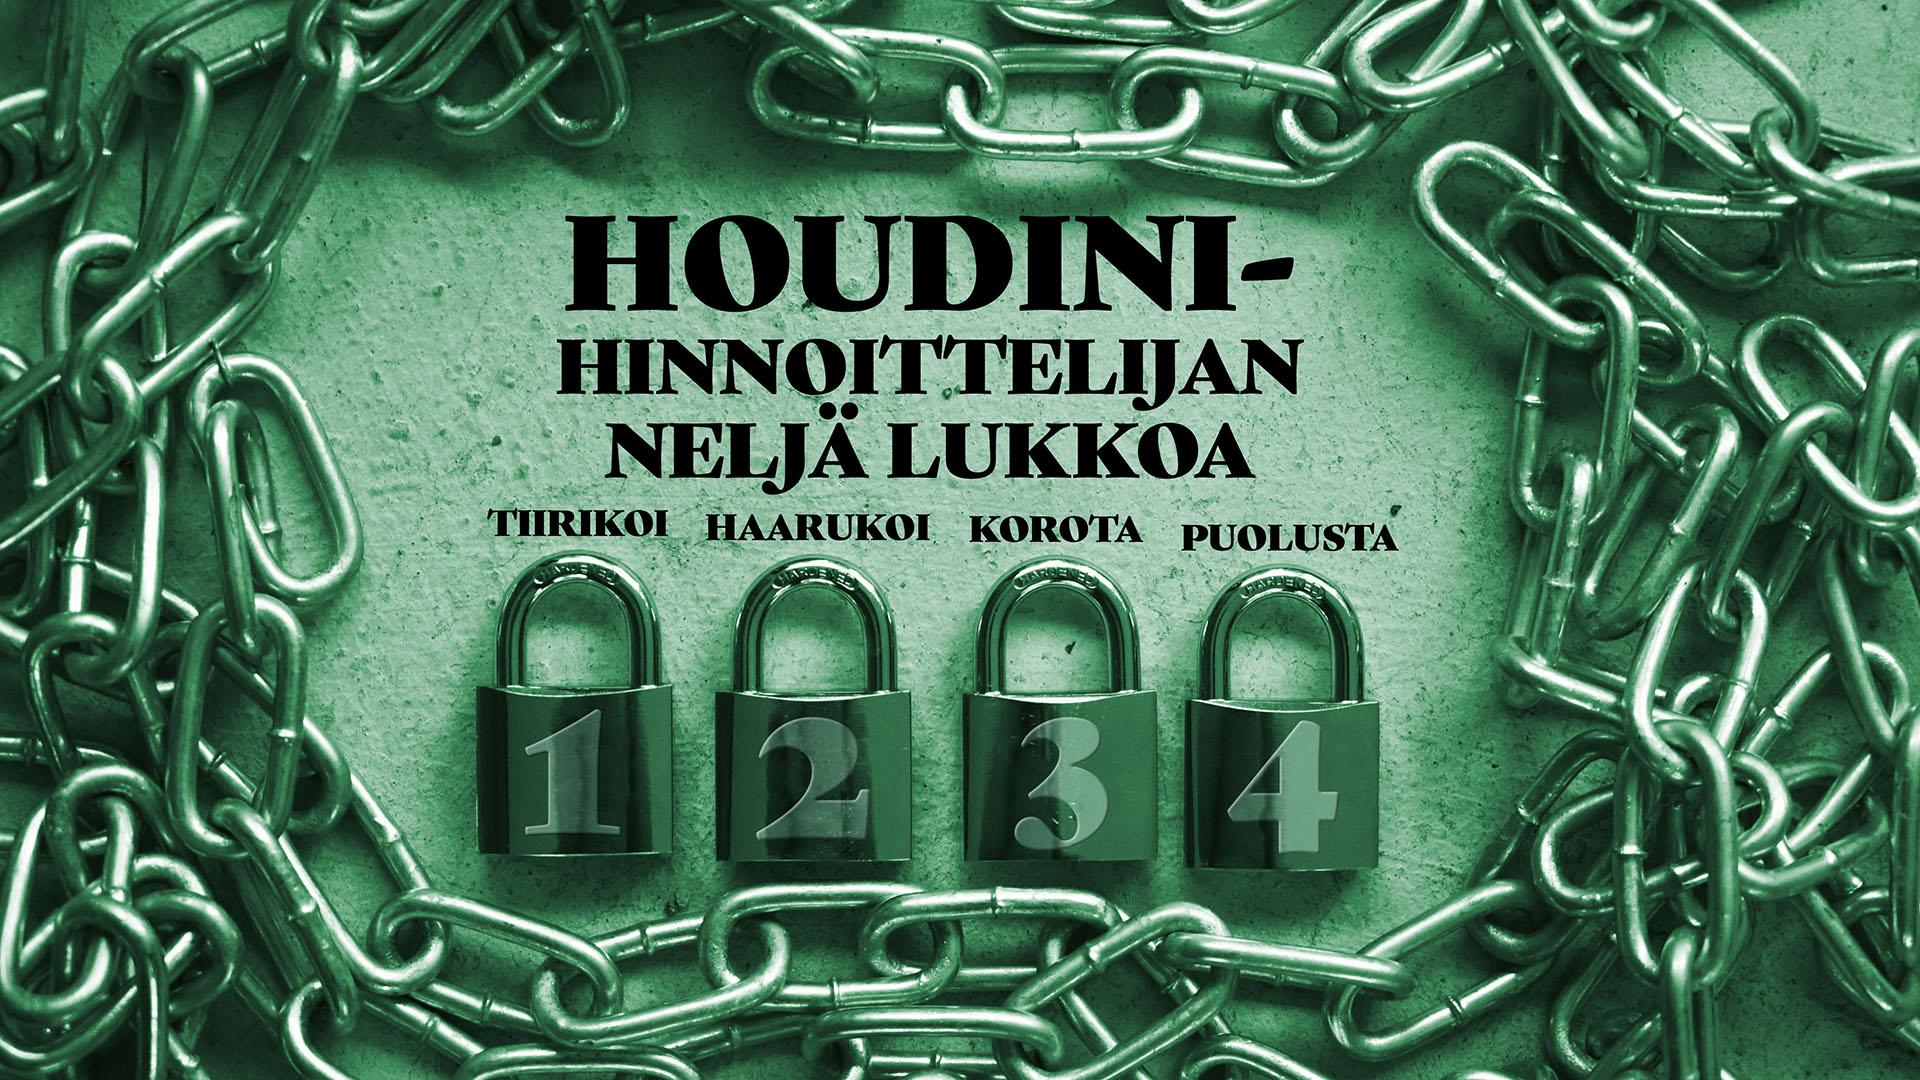 Parantainen_Houdini-hinnoittelu_Lukot_4_kiinni_malli.jpg